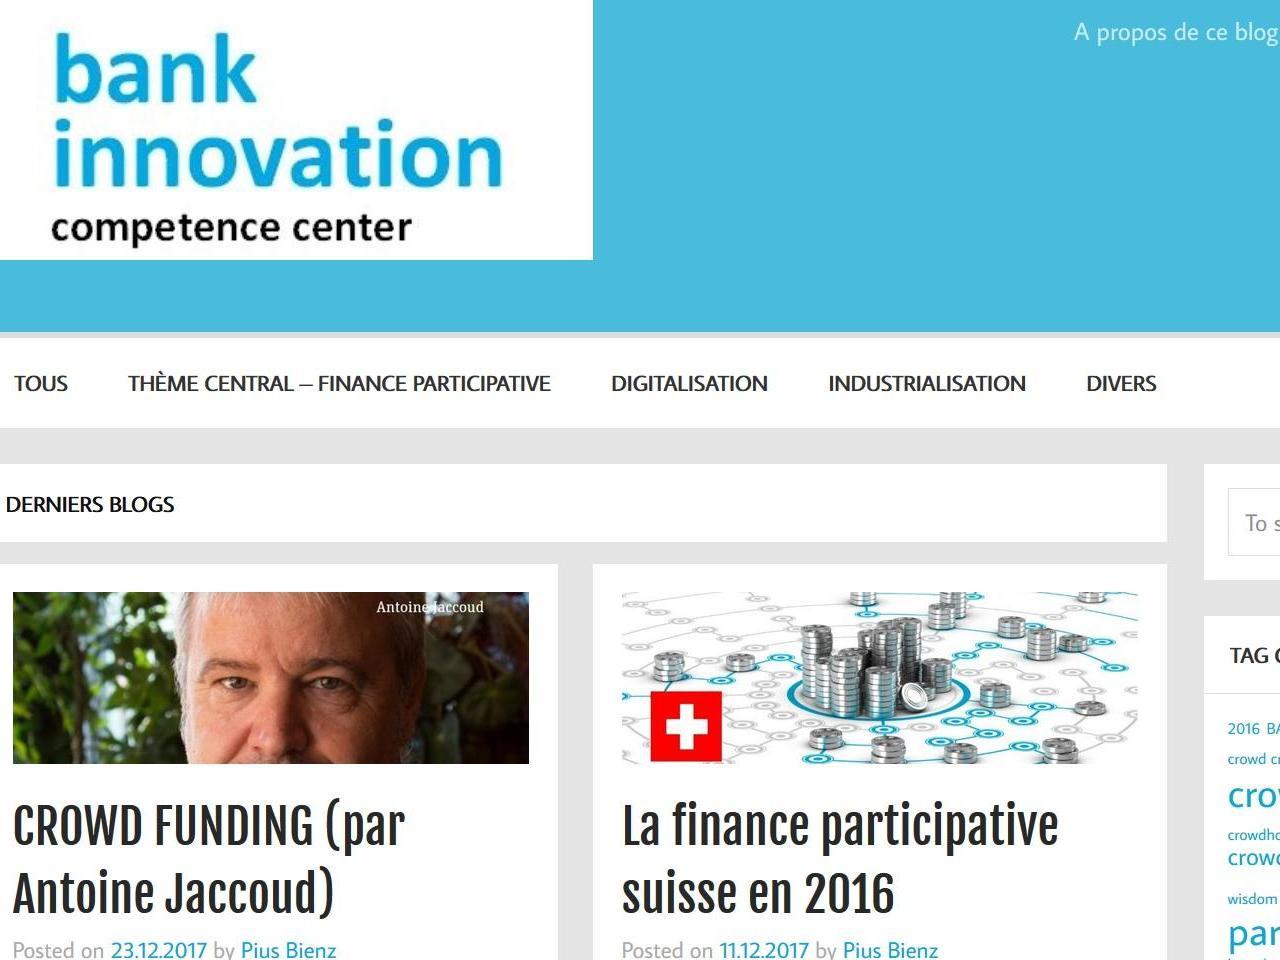 Le centre de compétences sur les nouvelles technologies financières lance son blog